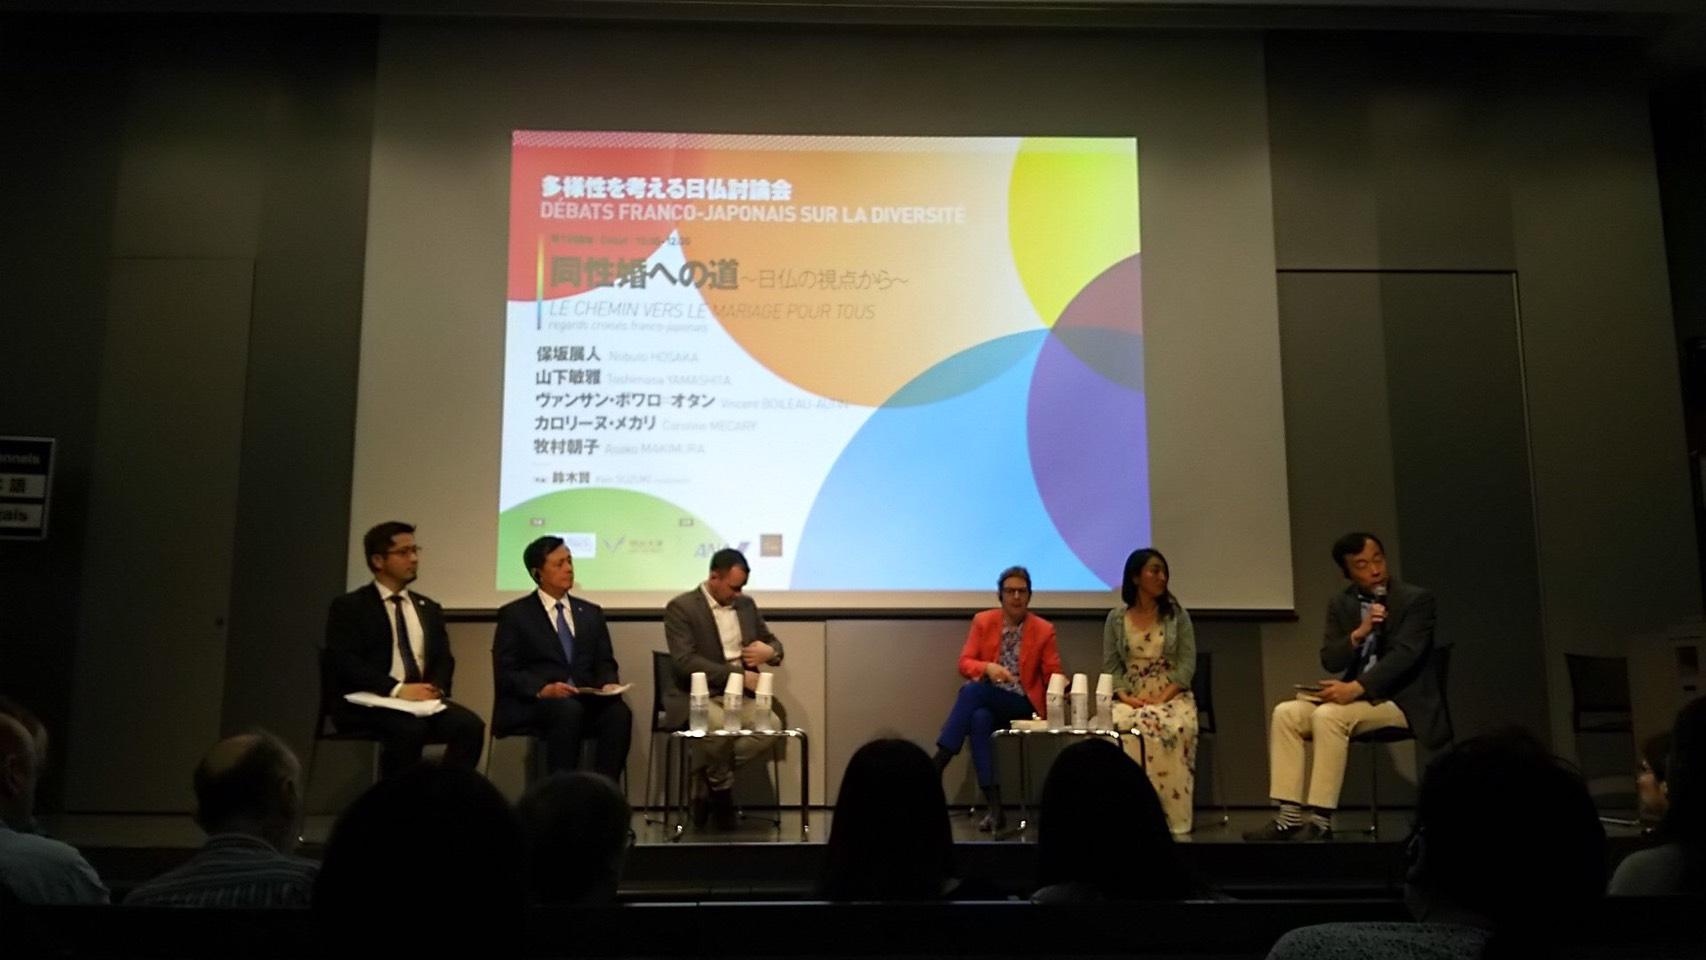 日仏討論会:多様性を考える